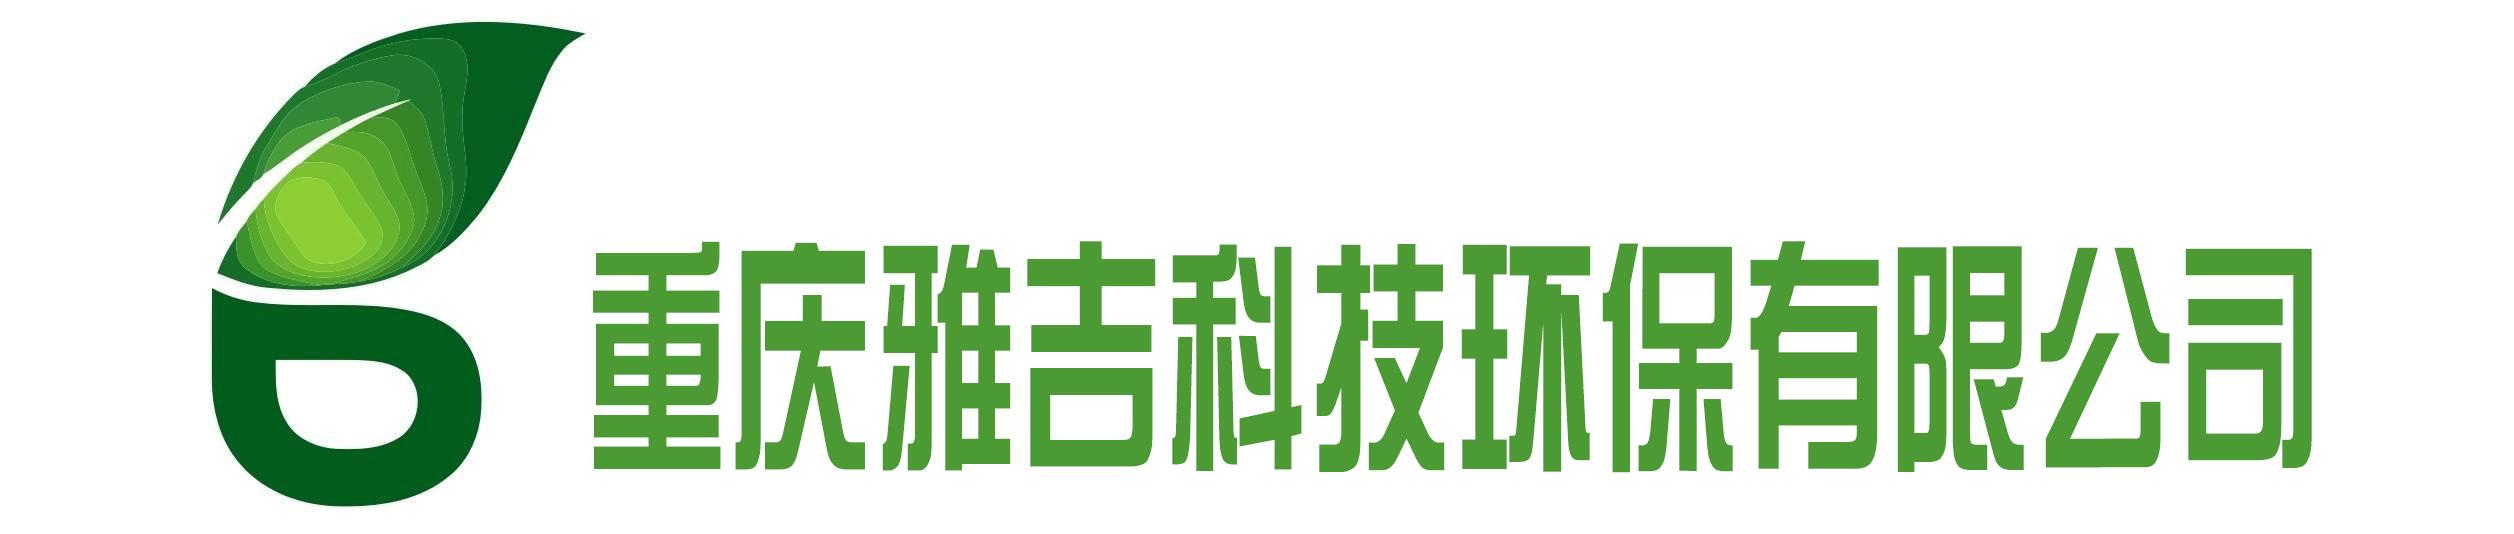 重庆雅吉环保科技有限公司